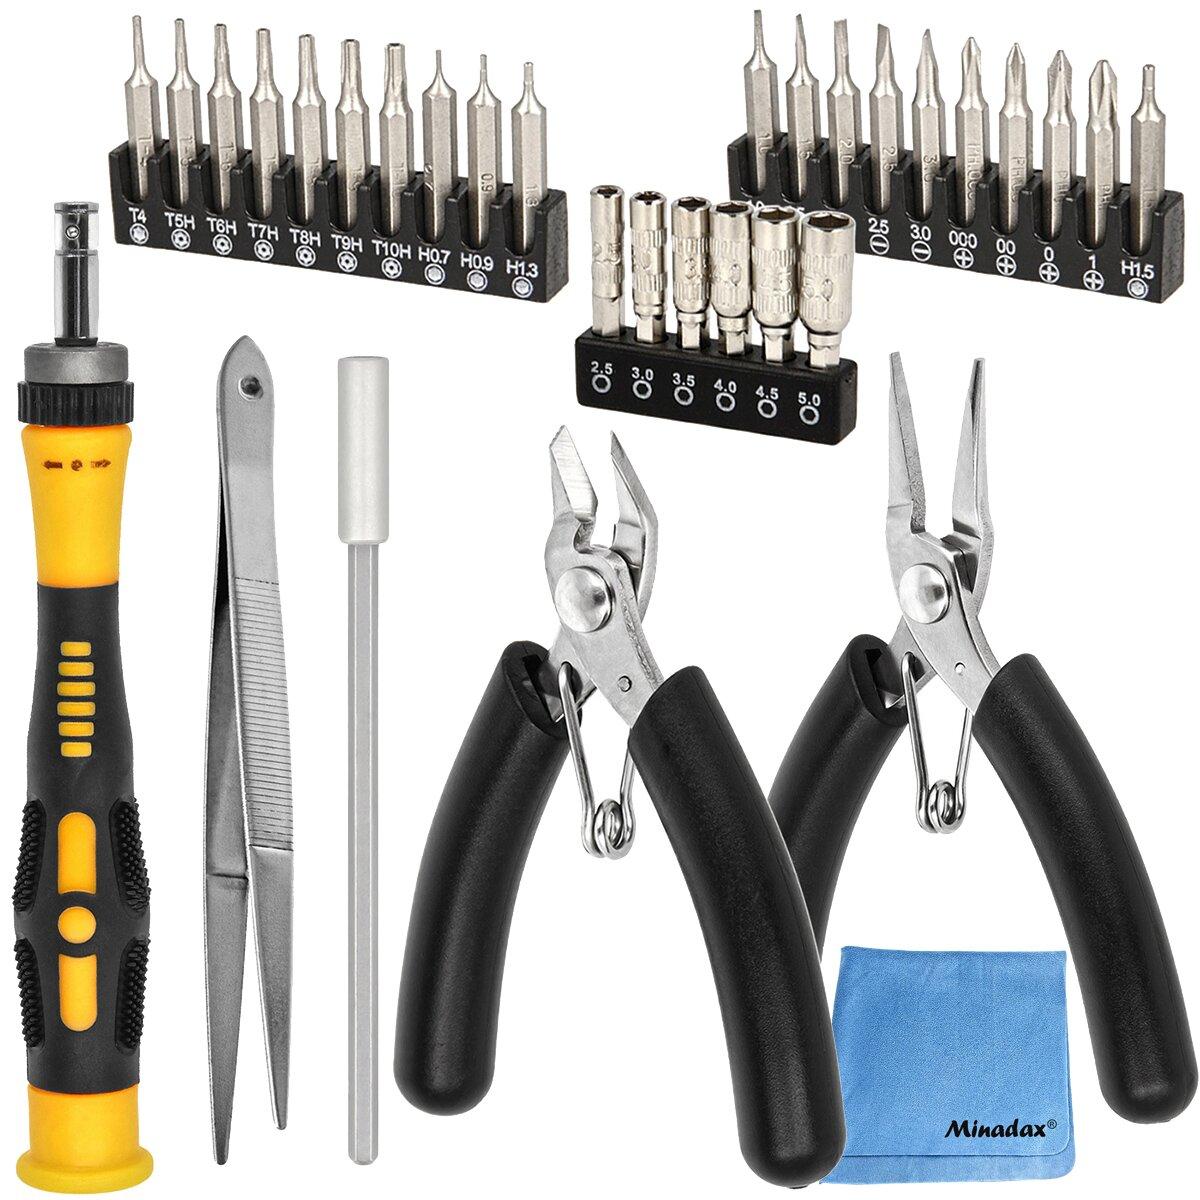 Sprotek Elektronik-Werkzeugsatz | 32 teiliges Werkzeugset | Tool Kit für Reparaturarbeiten an Elektronik-Geräten| Für Hobby-Bastler und Profis | Inklusive Aufbewahrungsbox + Minadax® Microfasertuch